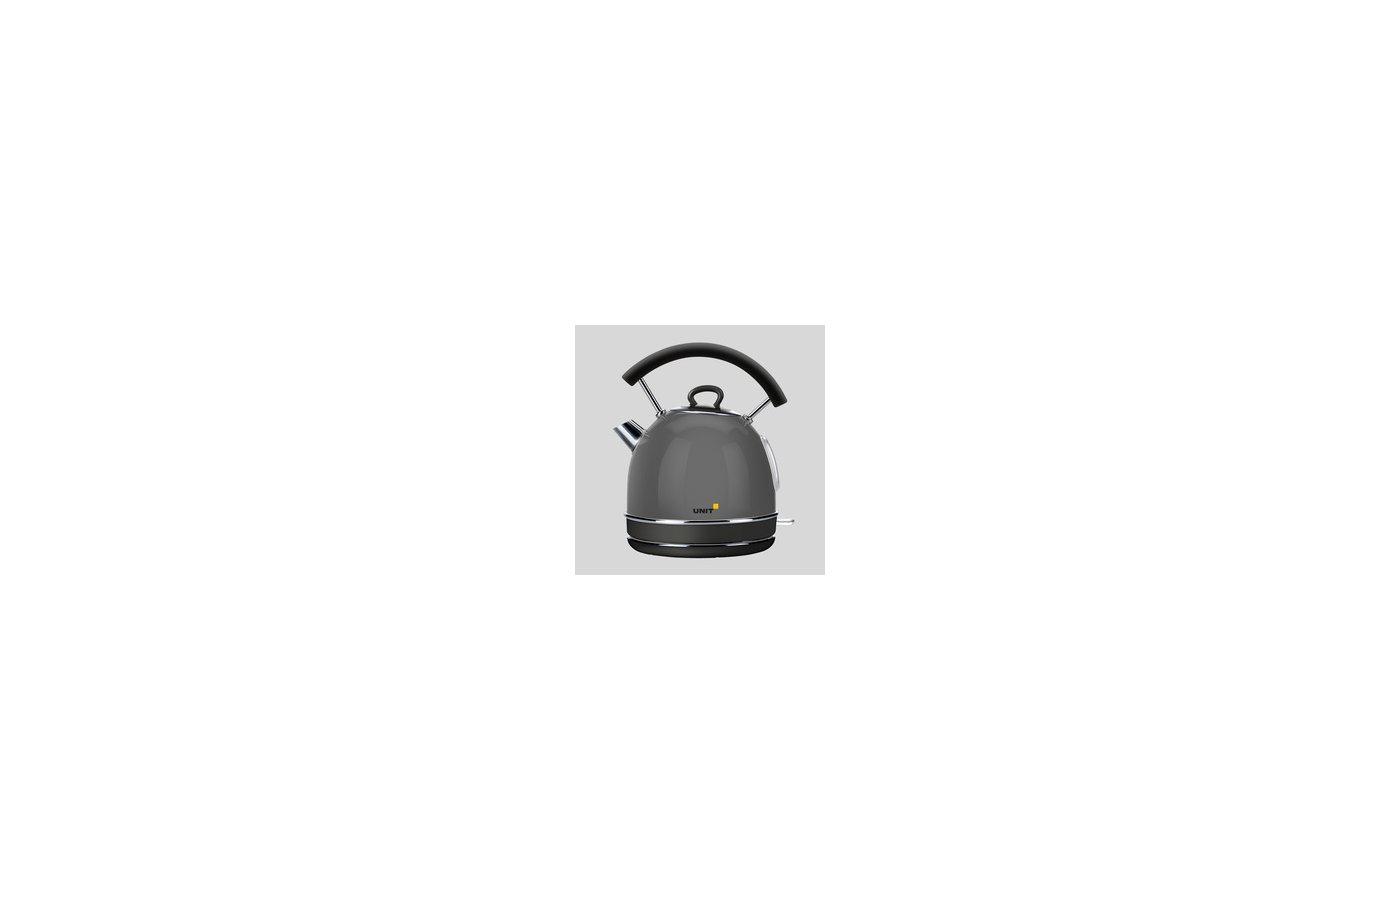 Чайник электрический  UNIT UEK-261 серый